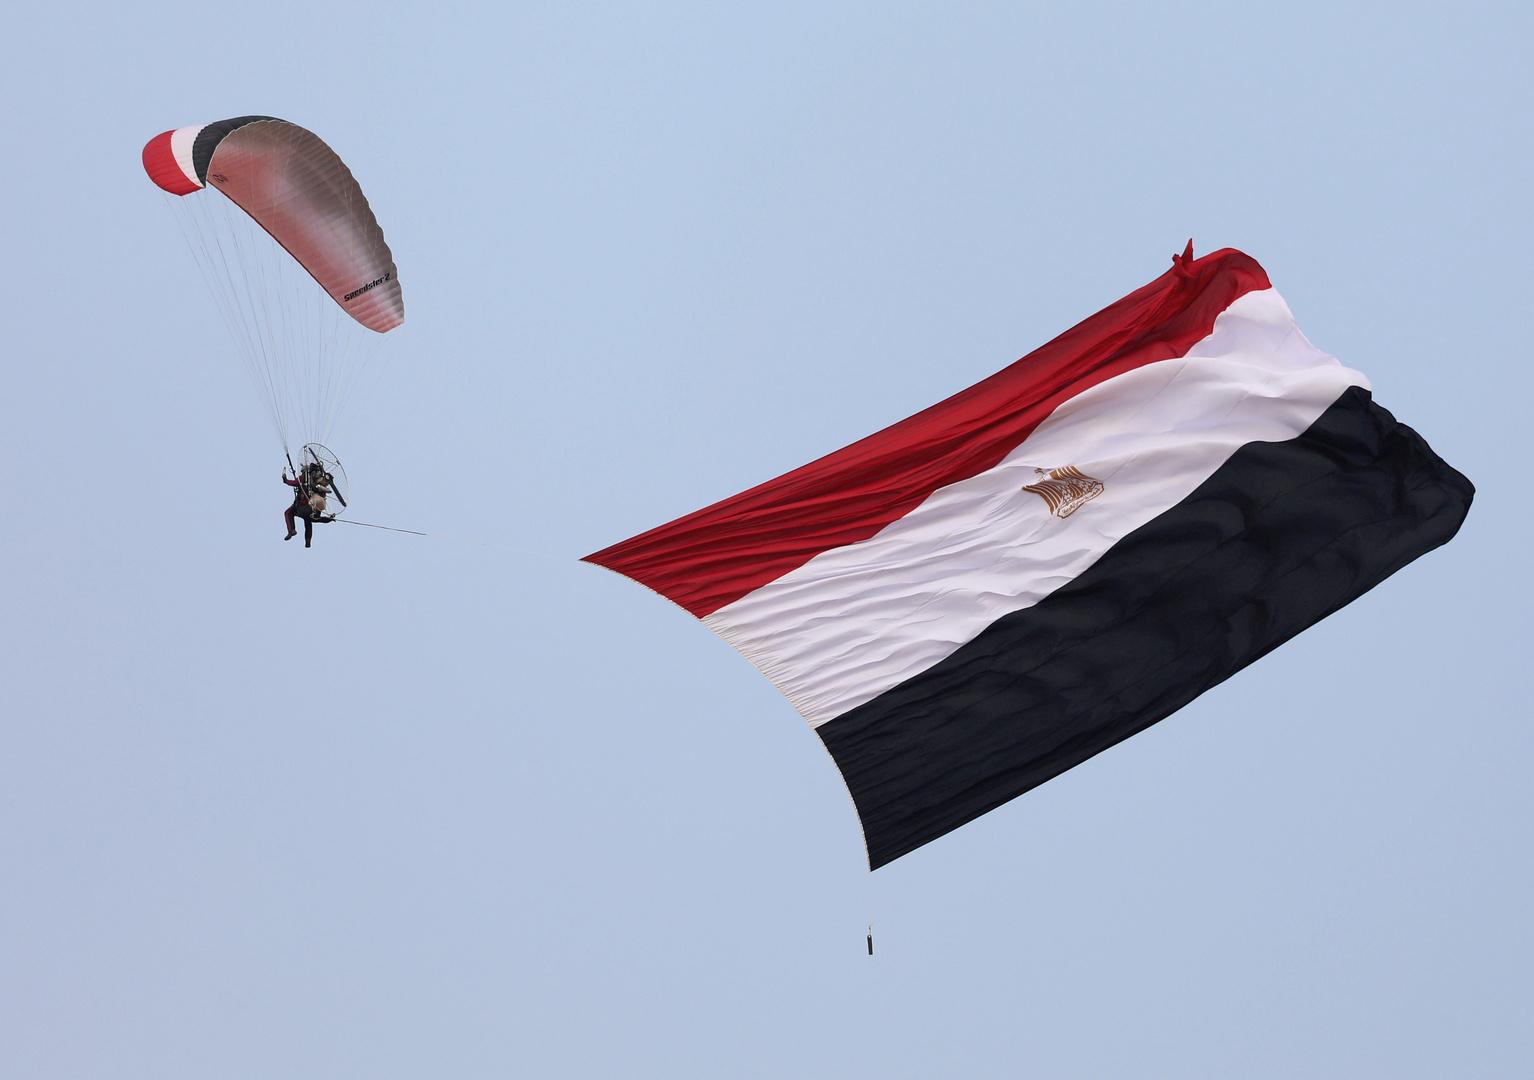 مصر.. أزمة بسبب إنشاء جسر في ترعة الزمر والحكومة تصدر بيانا